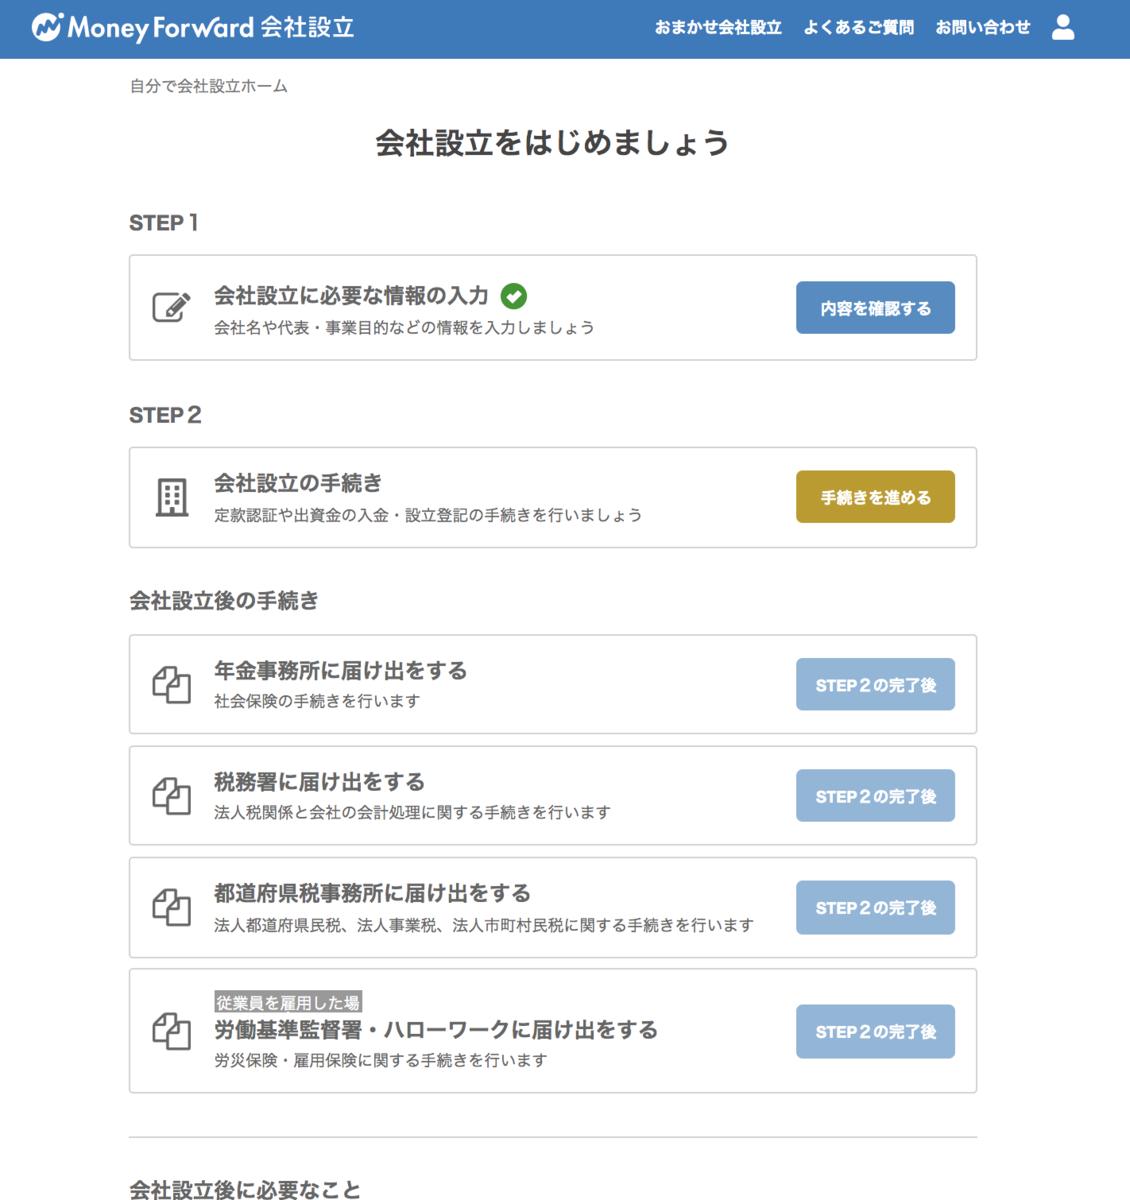 f:id:yoshihiro503:20190827144028p:plain